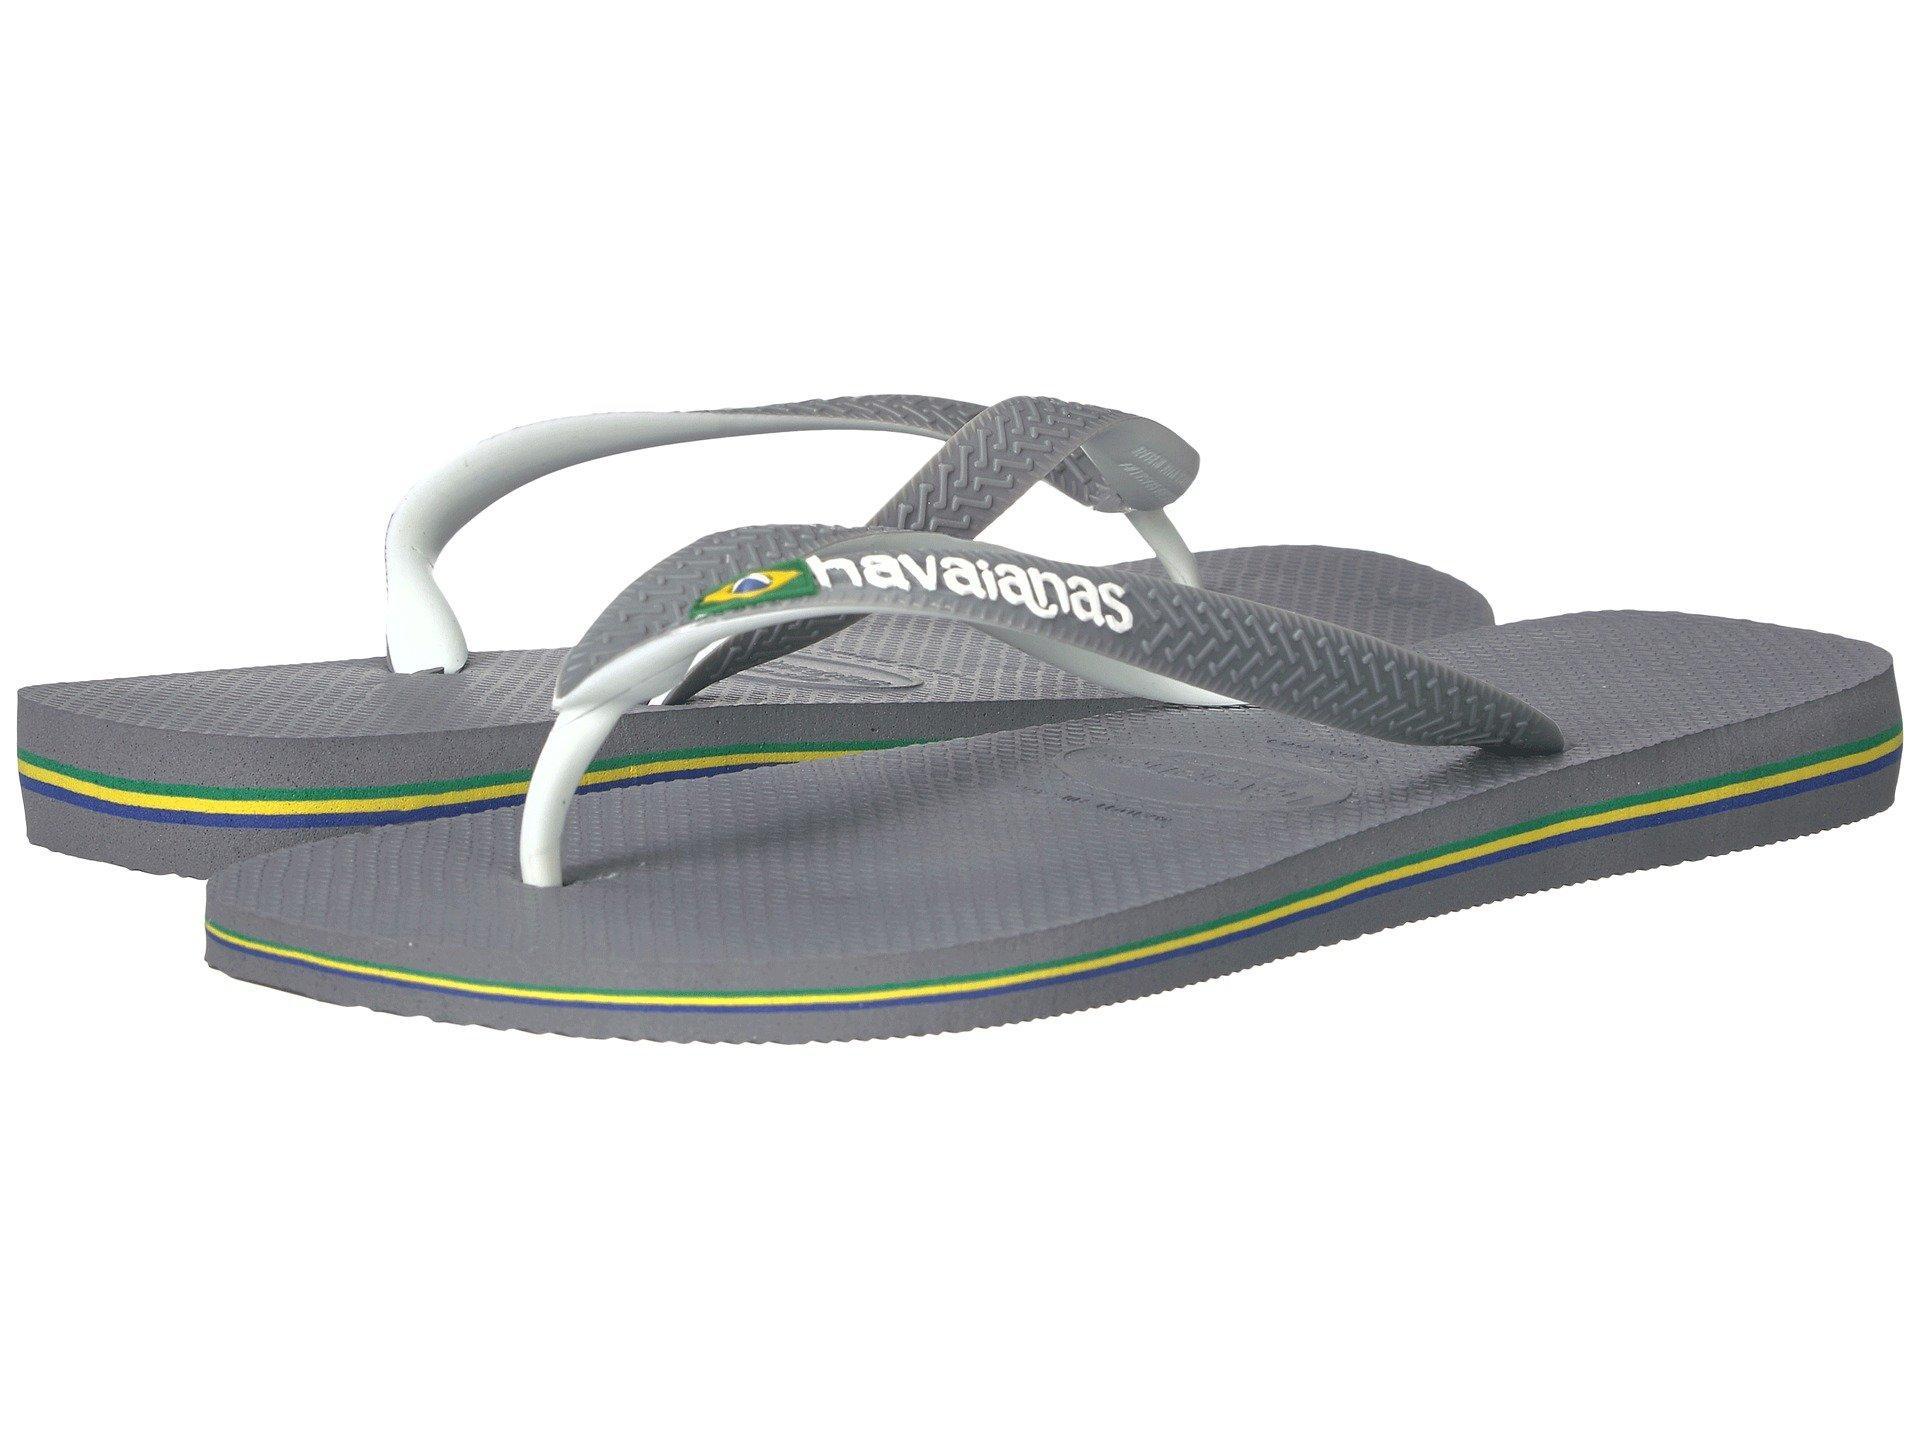 fc990b7e9 Lyst - Havaianas Brazil Mix Flip Flops (blue orange) Men s Sandals ...